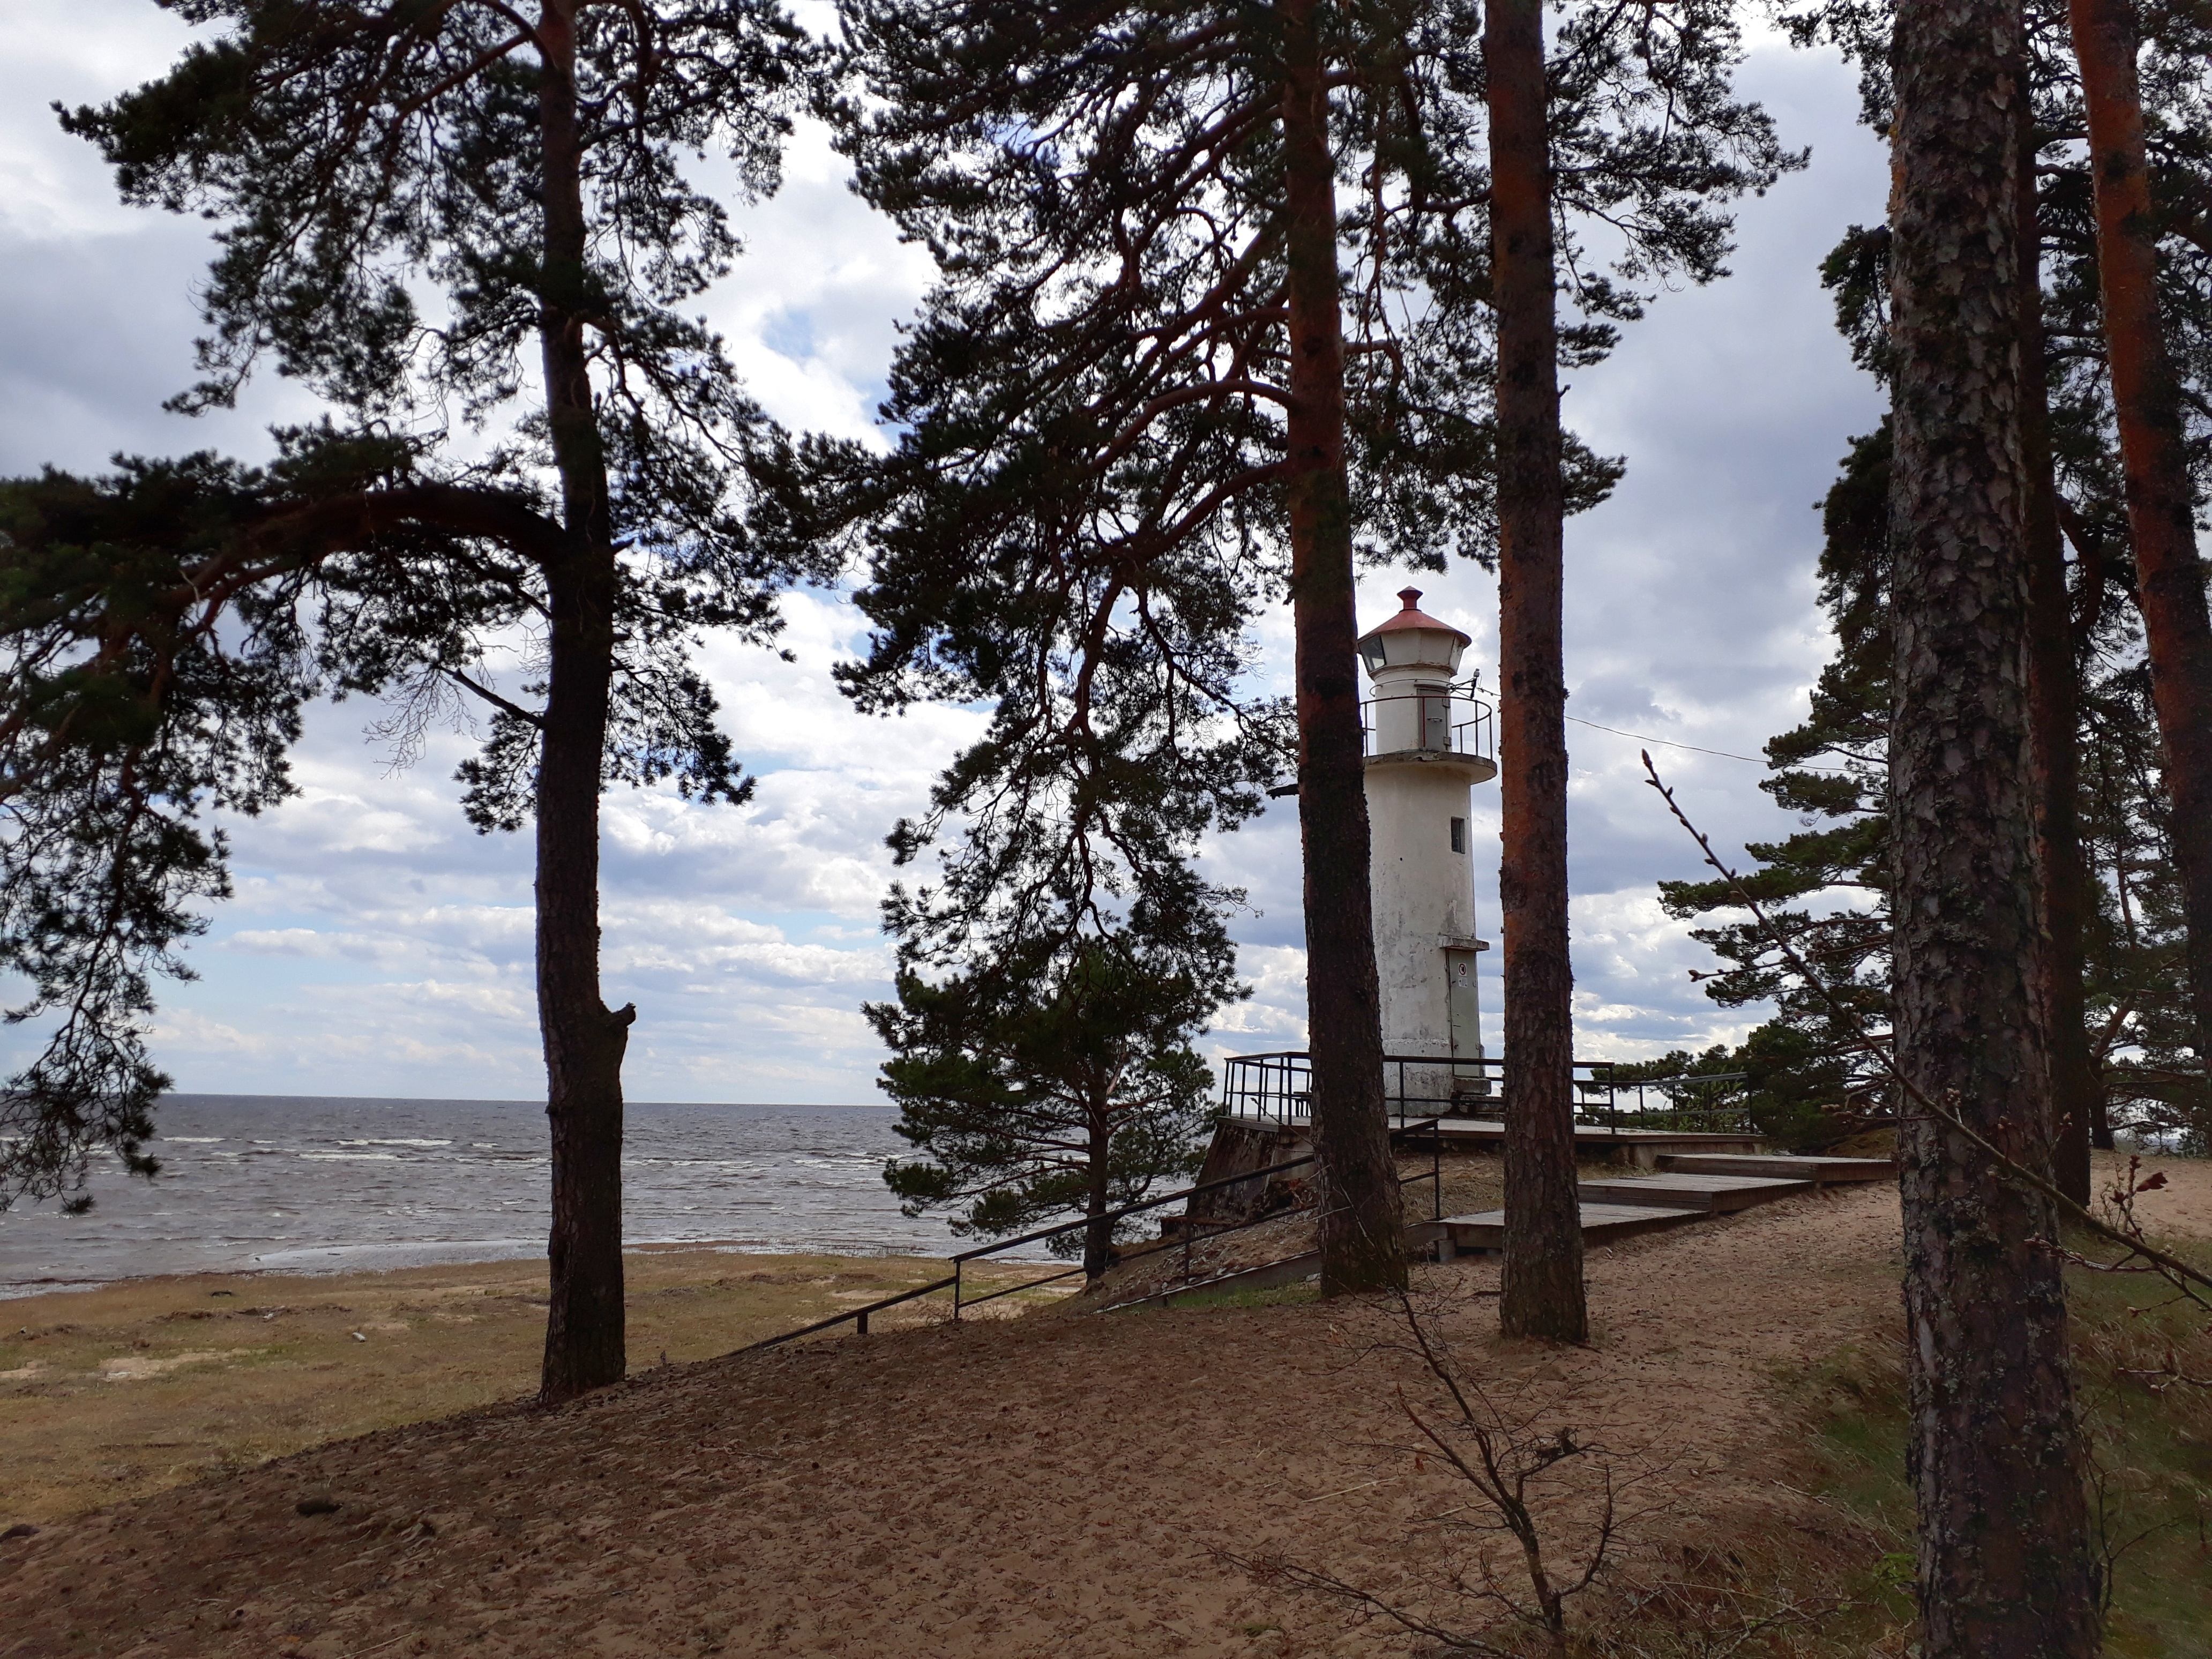 Слабоумие и отвага. Велопоход по Эстонии, 380 км, 2-4 мая 2019 года.